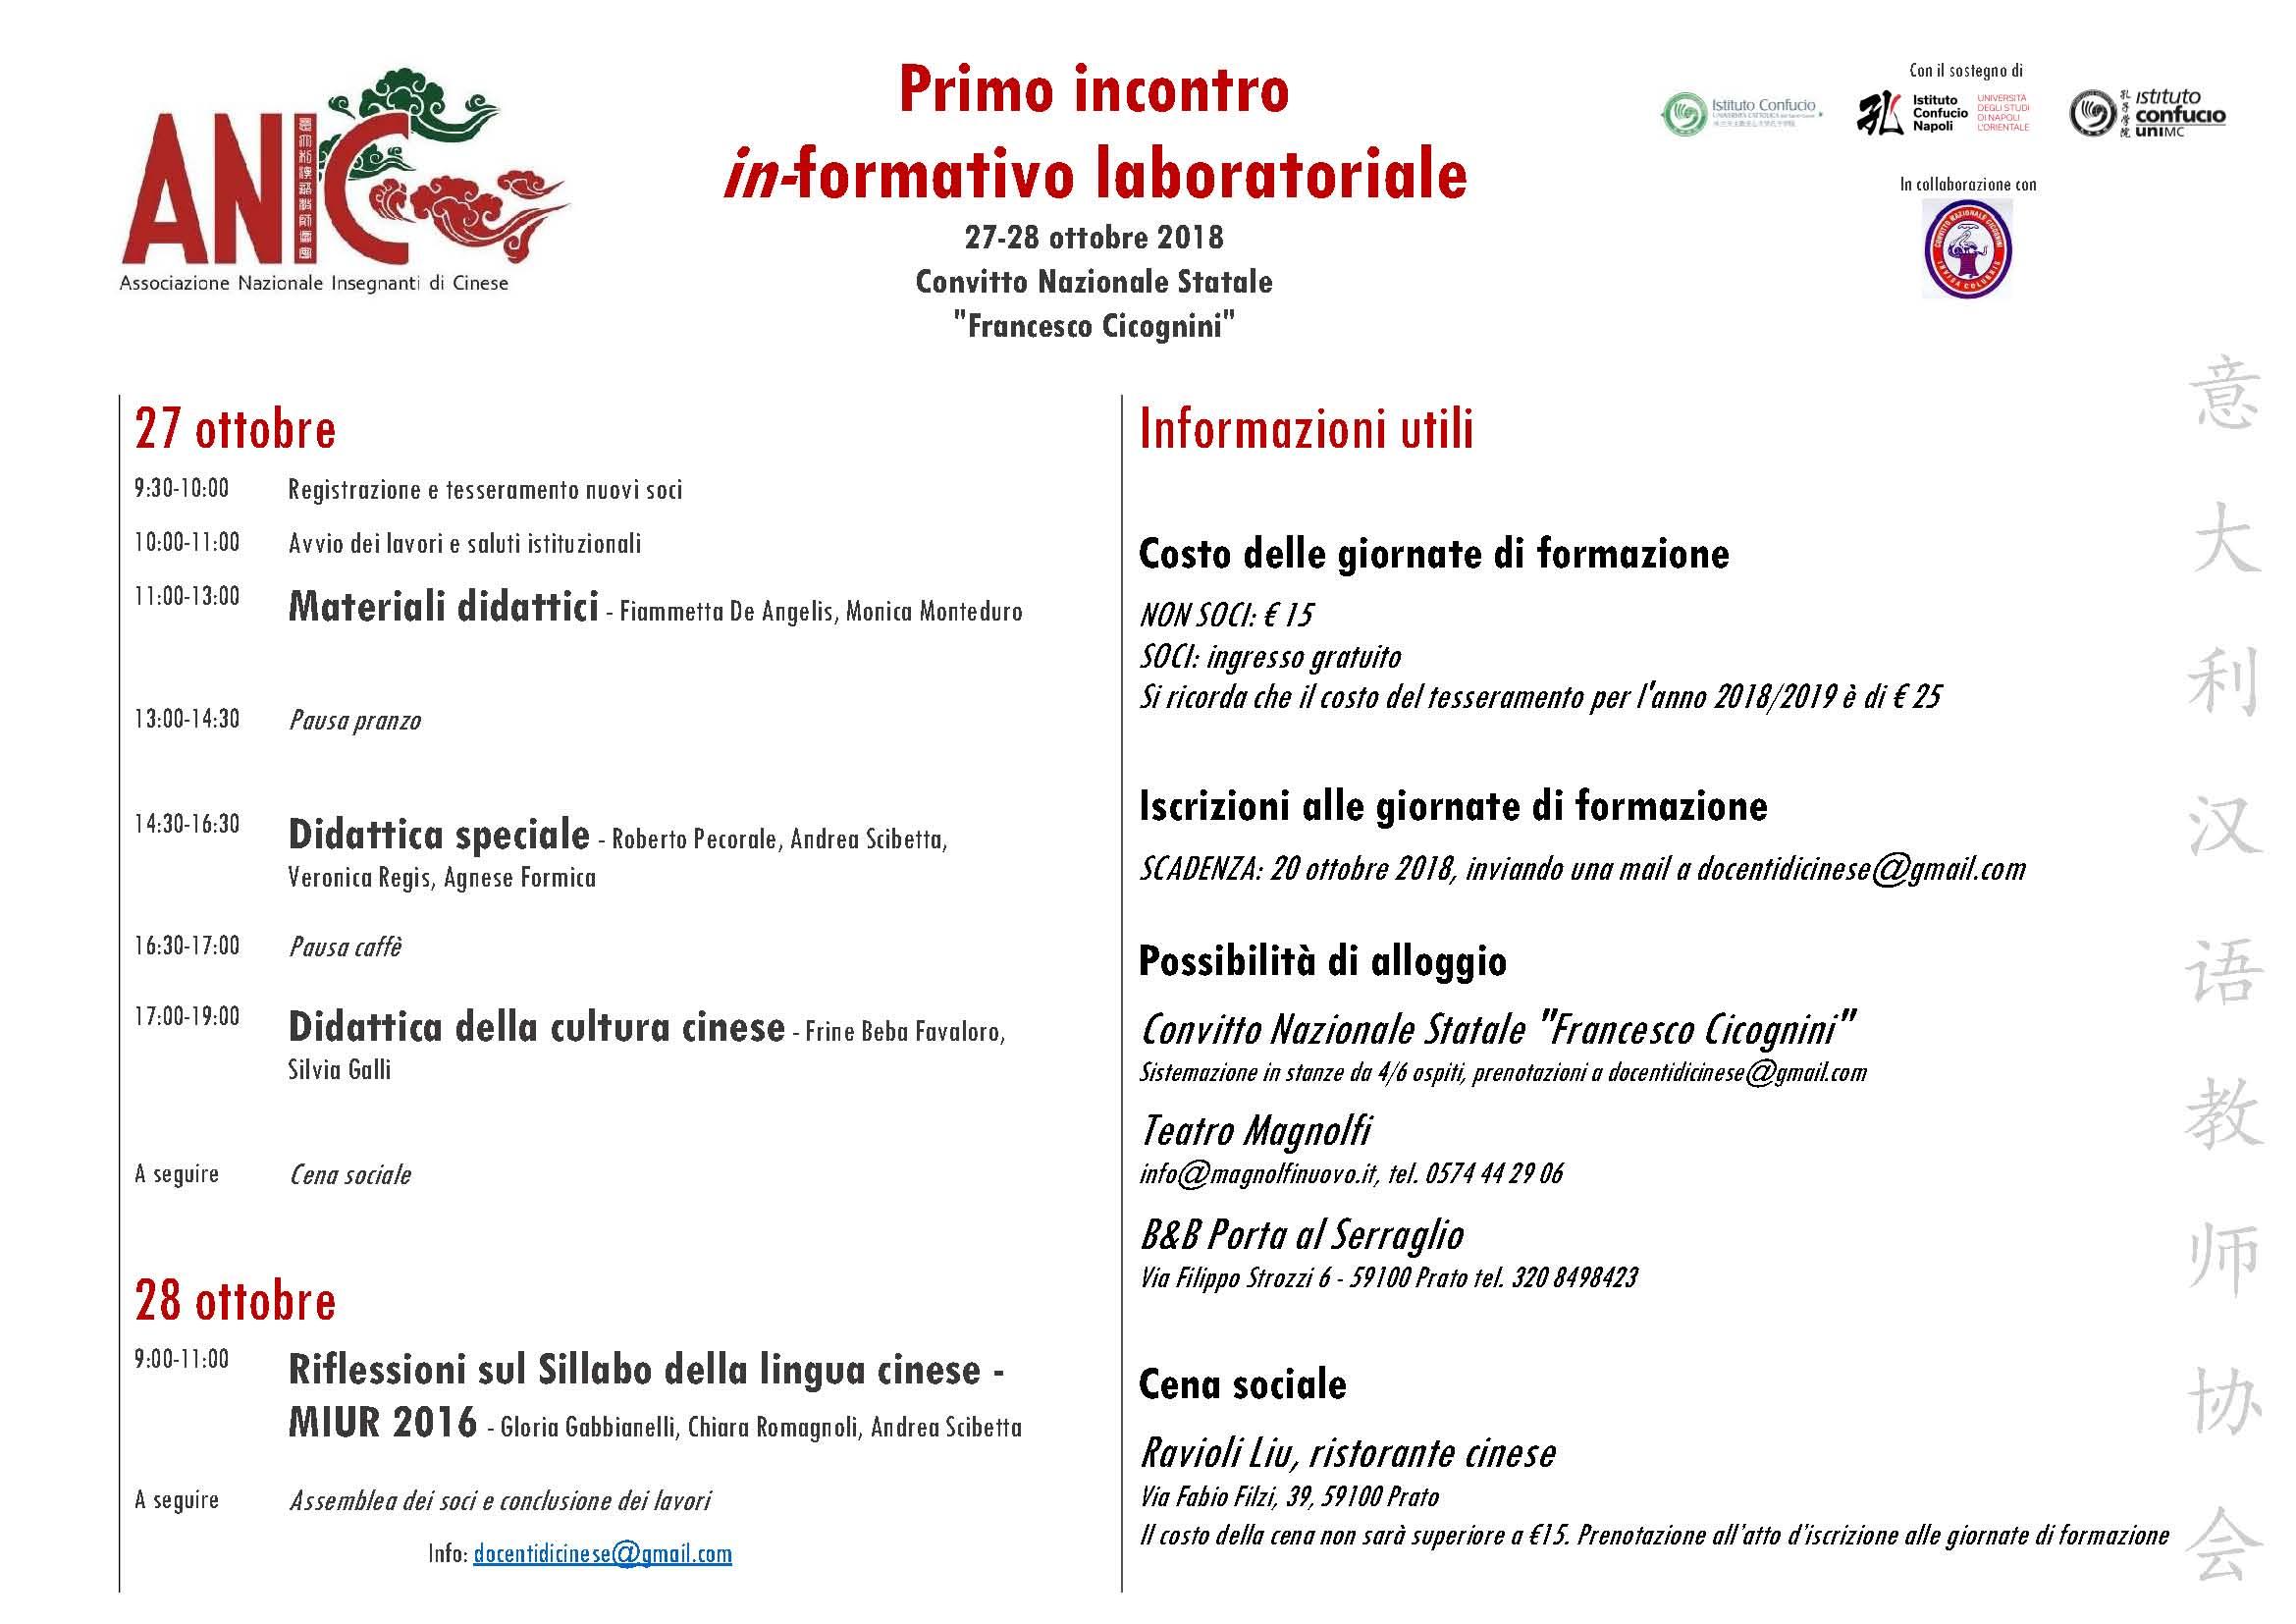 ANIC_Primo incontro in-formativo laboratoriale_Prato_27-28 10 18.jpg